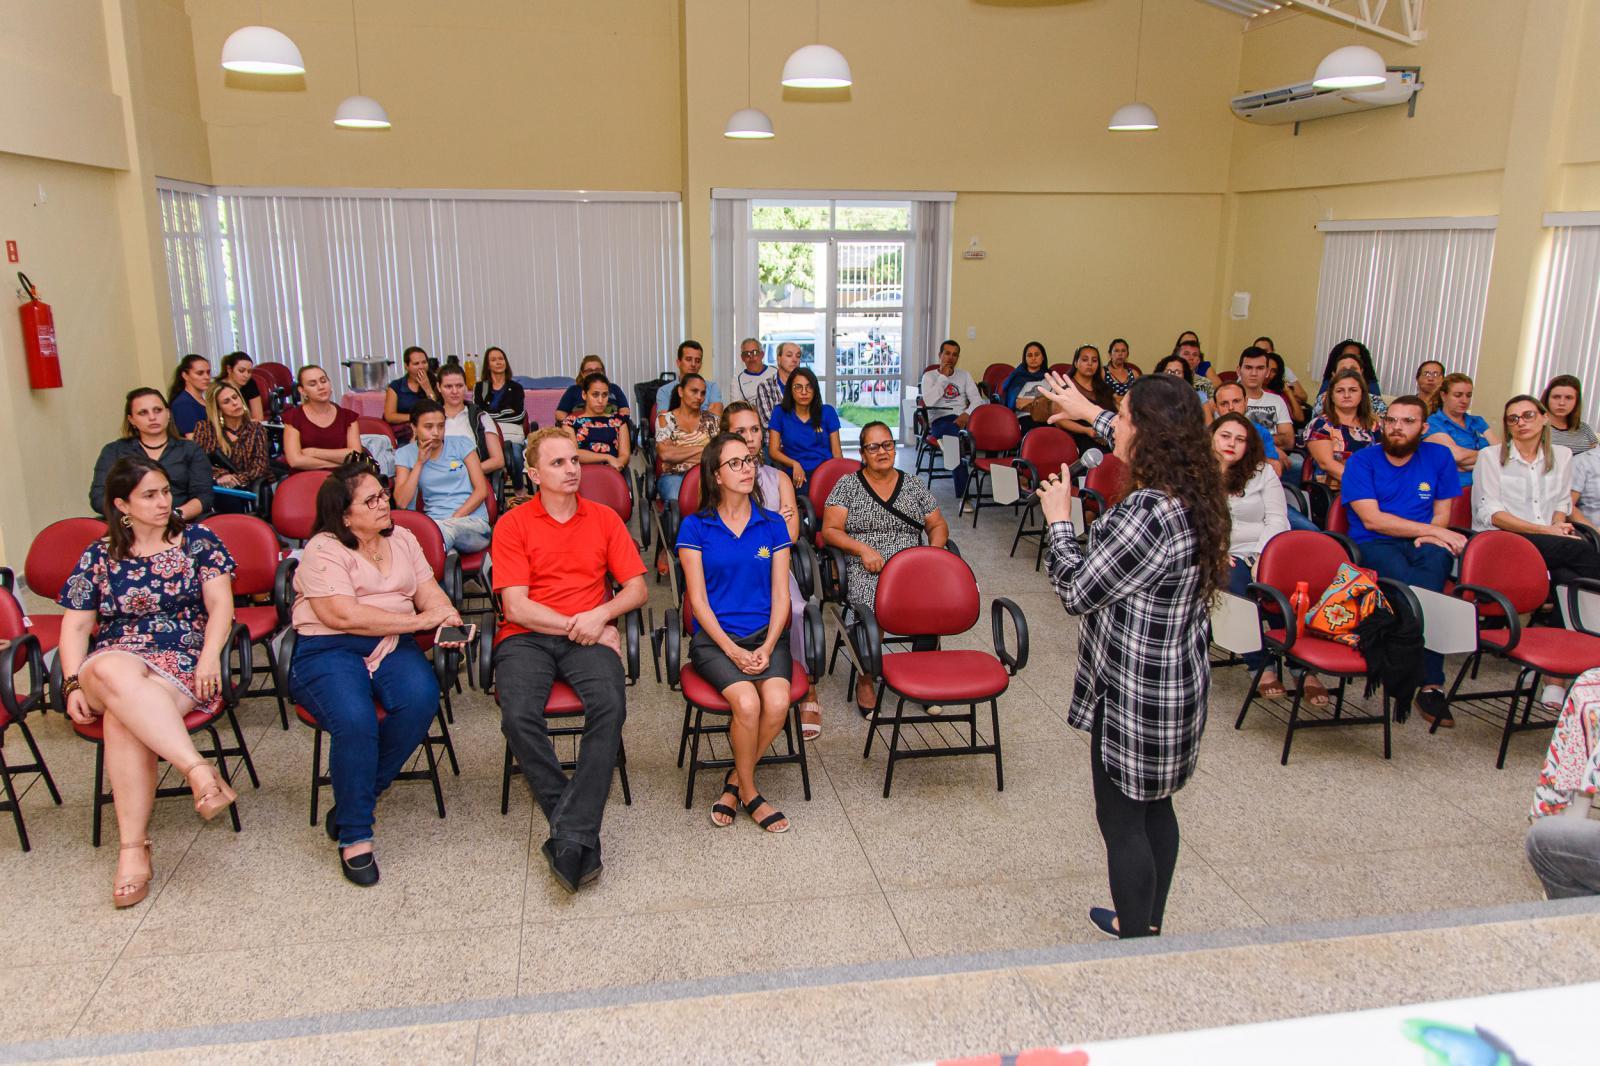 Secretaria de Assistência Social realizou Seminário para discutir a diversidade sexual